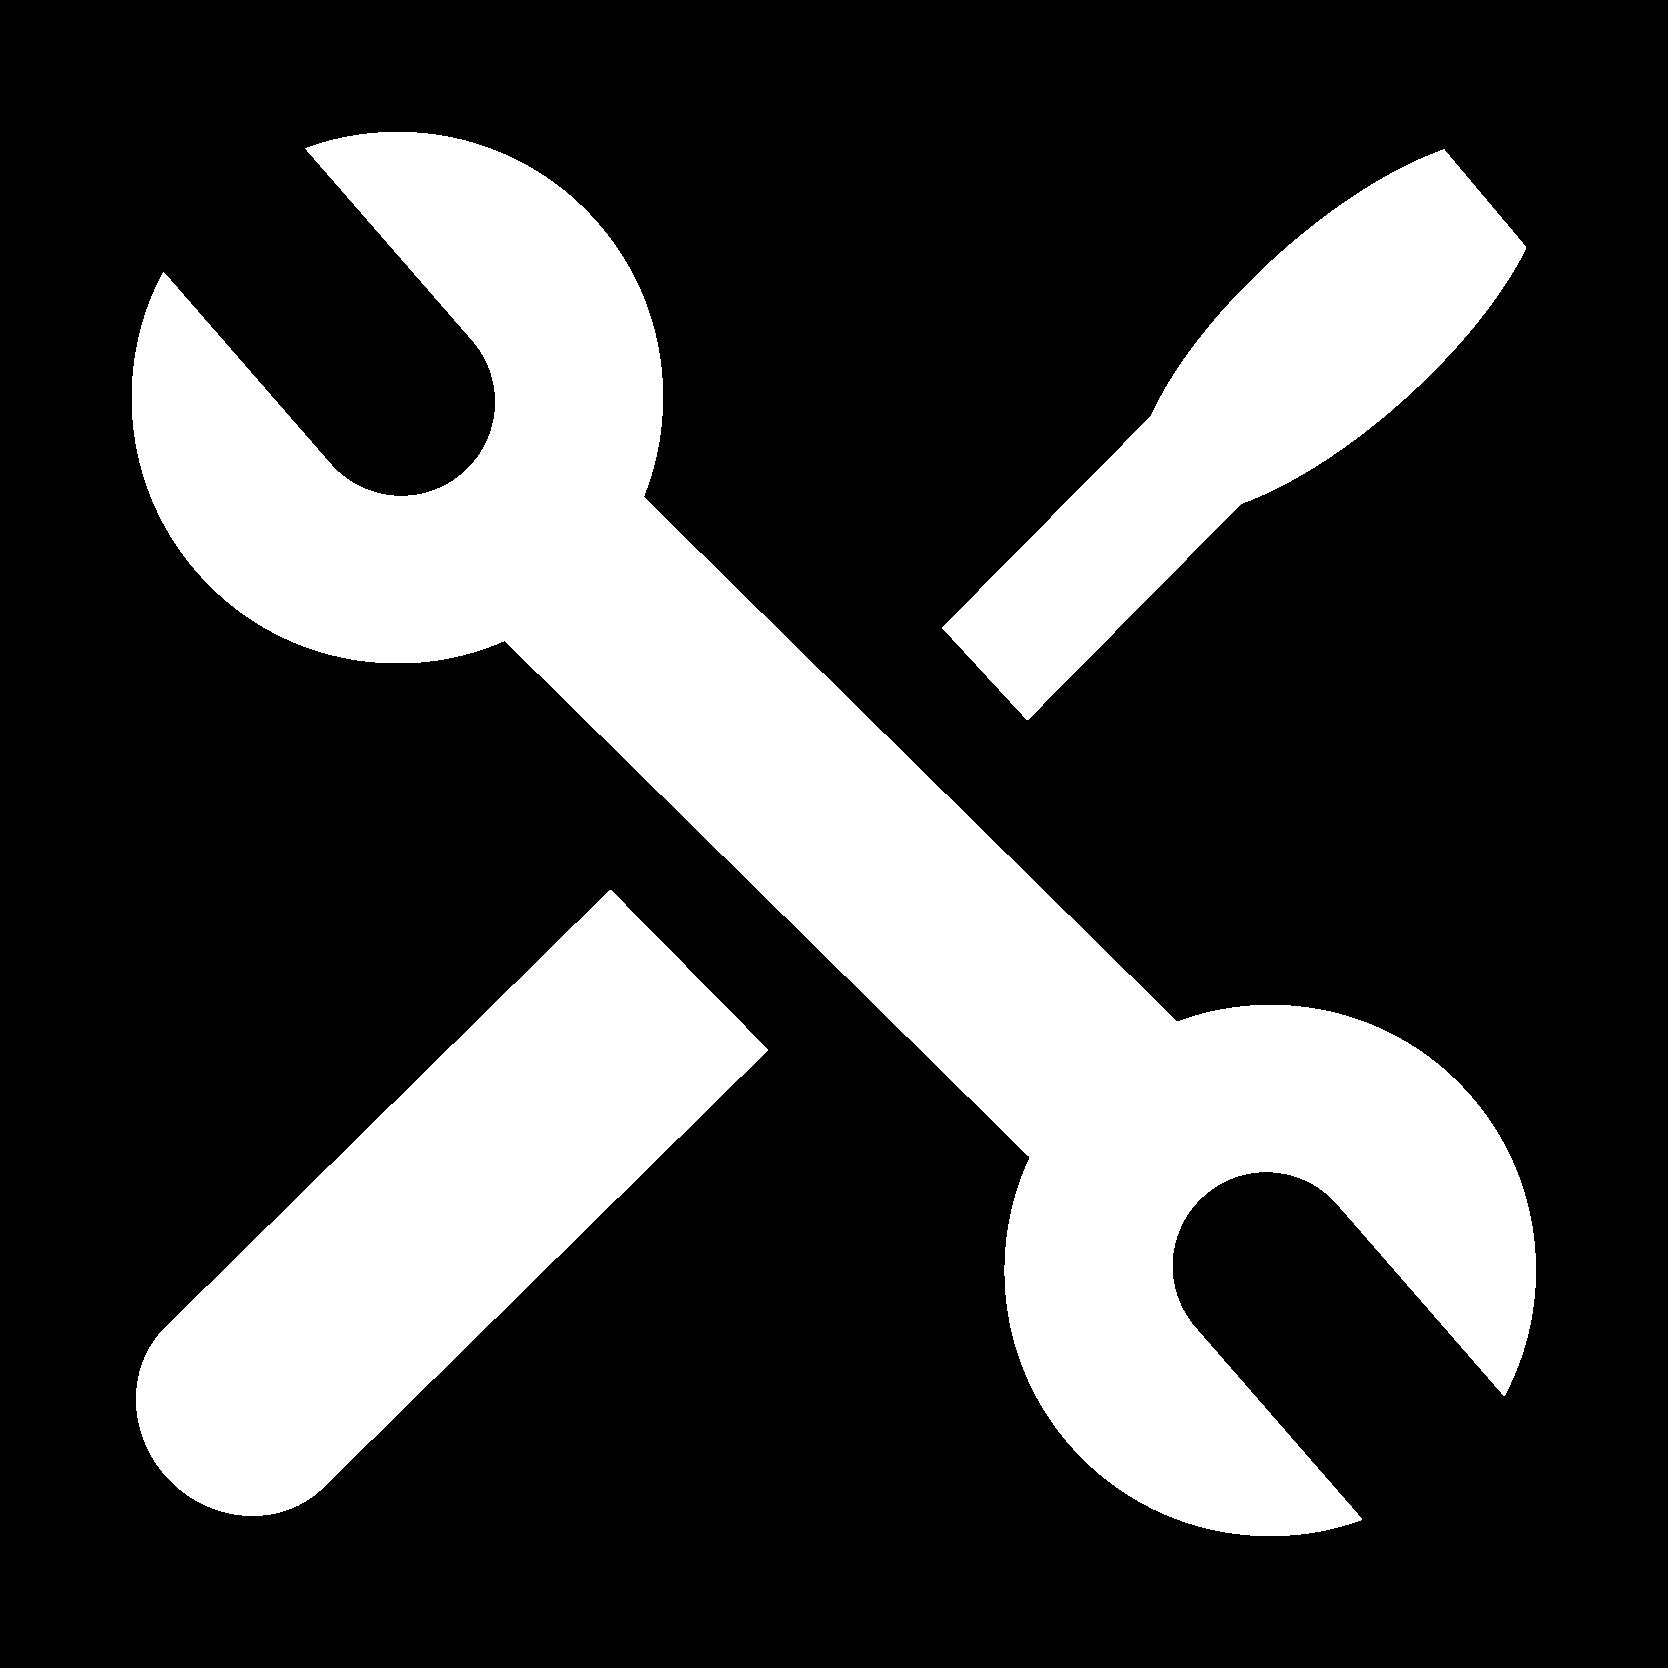 icon_schrauben_weiss2x